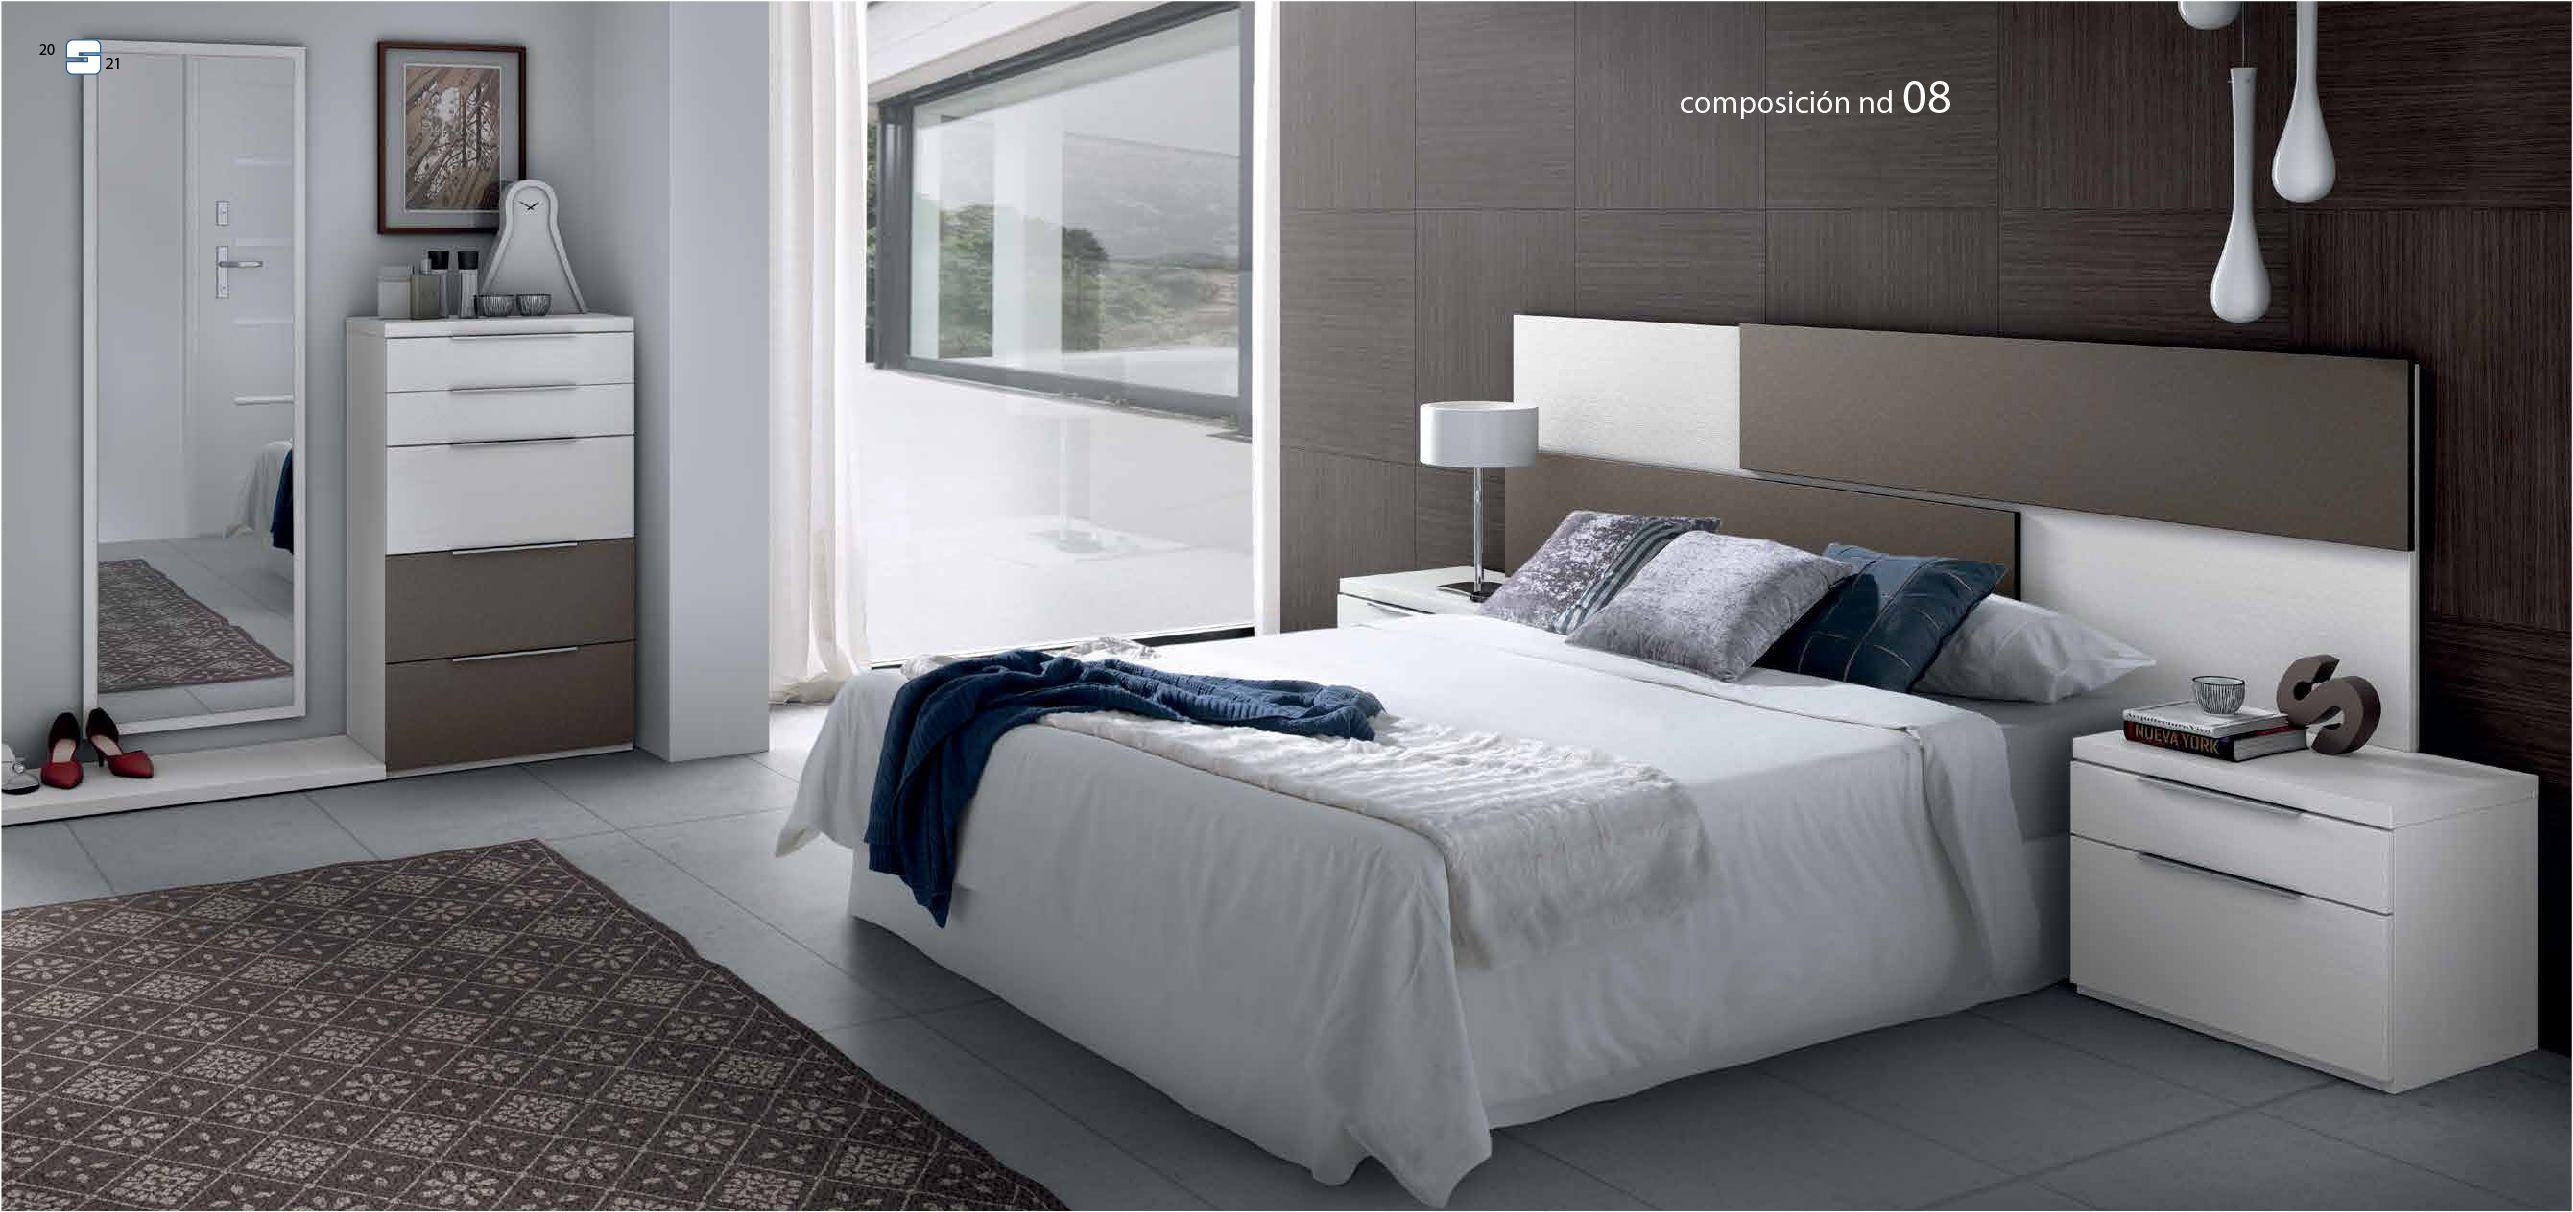 Habitaci n de invitados con estilo creaespai muebles for Mesillas de habitacion